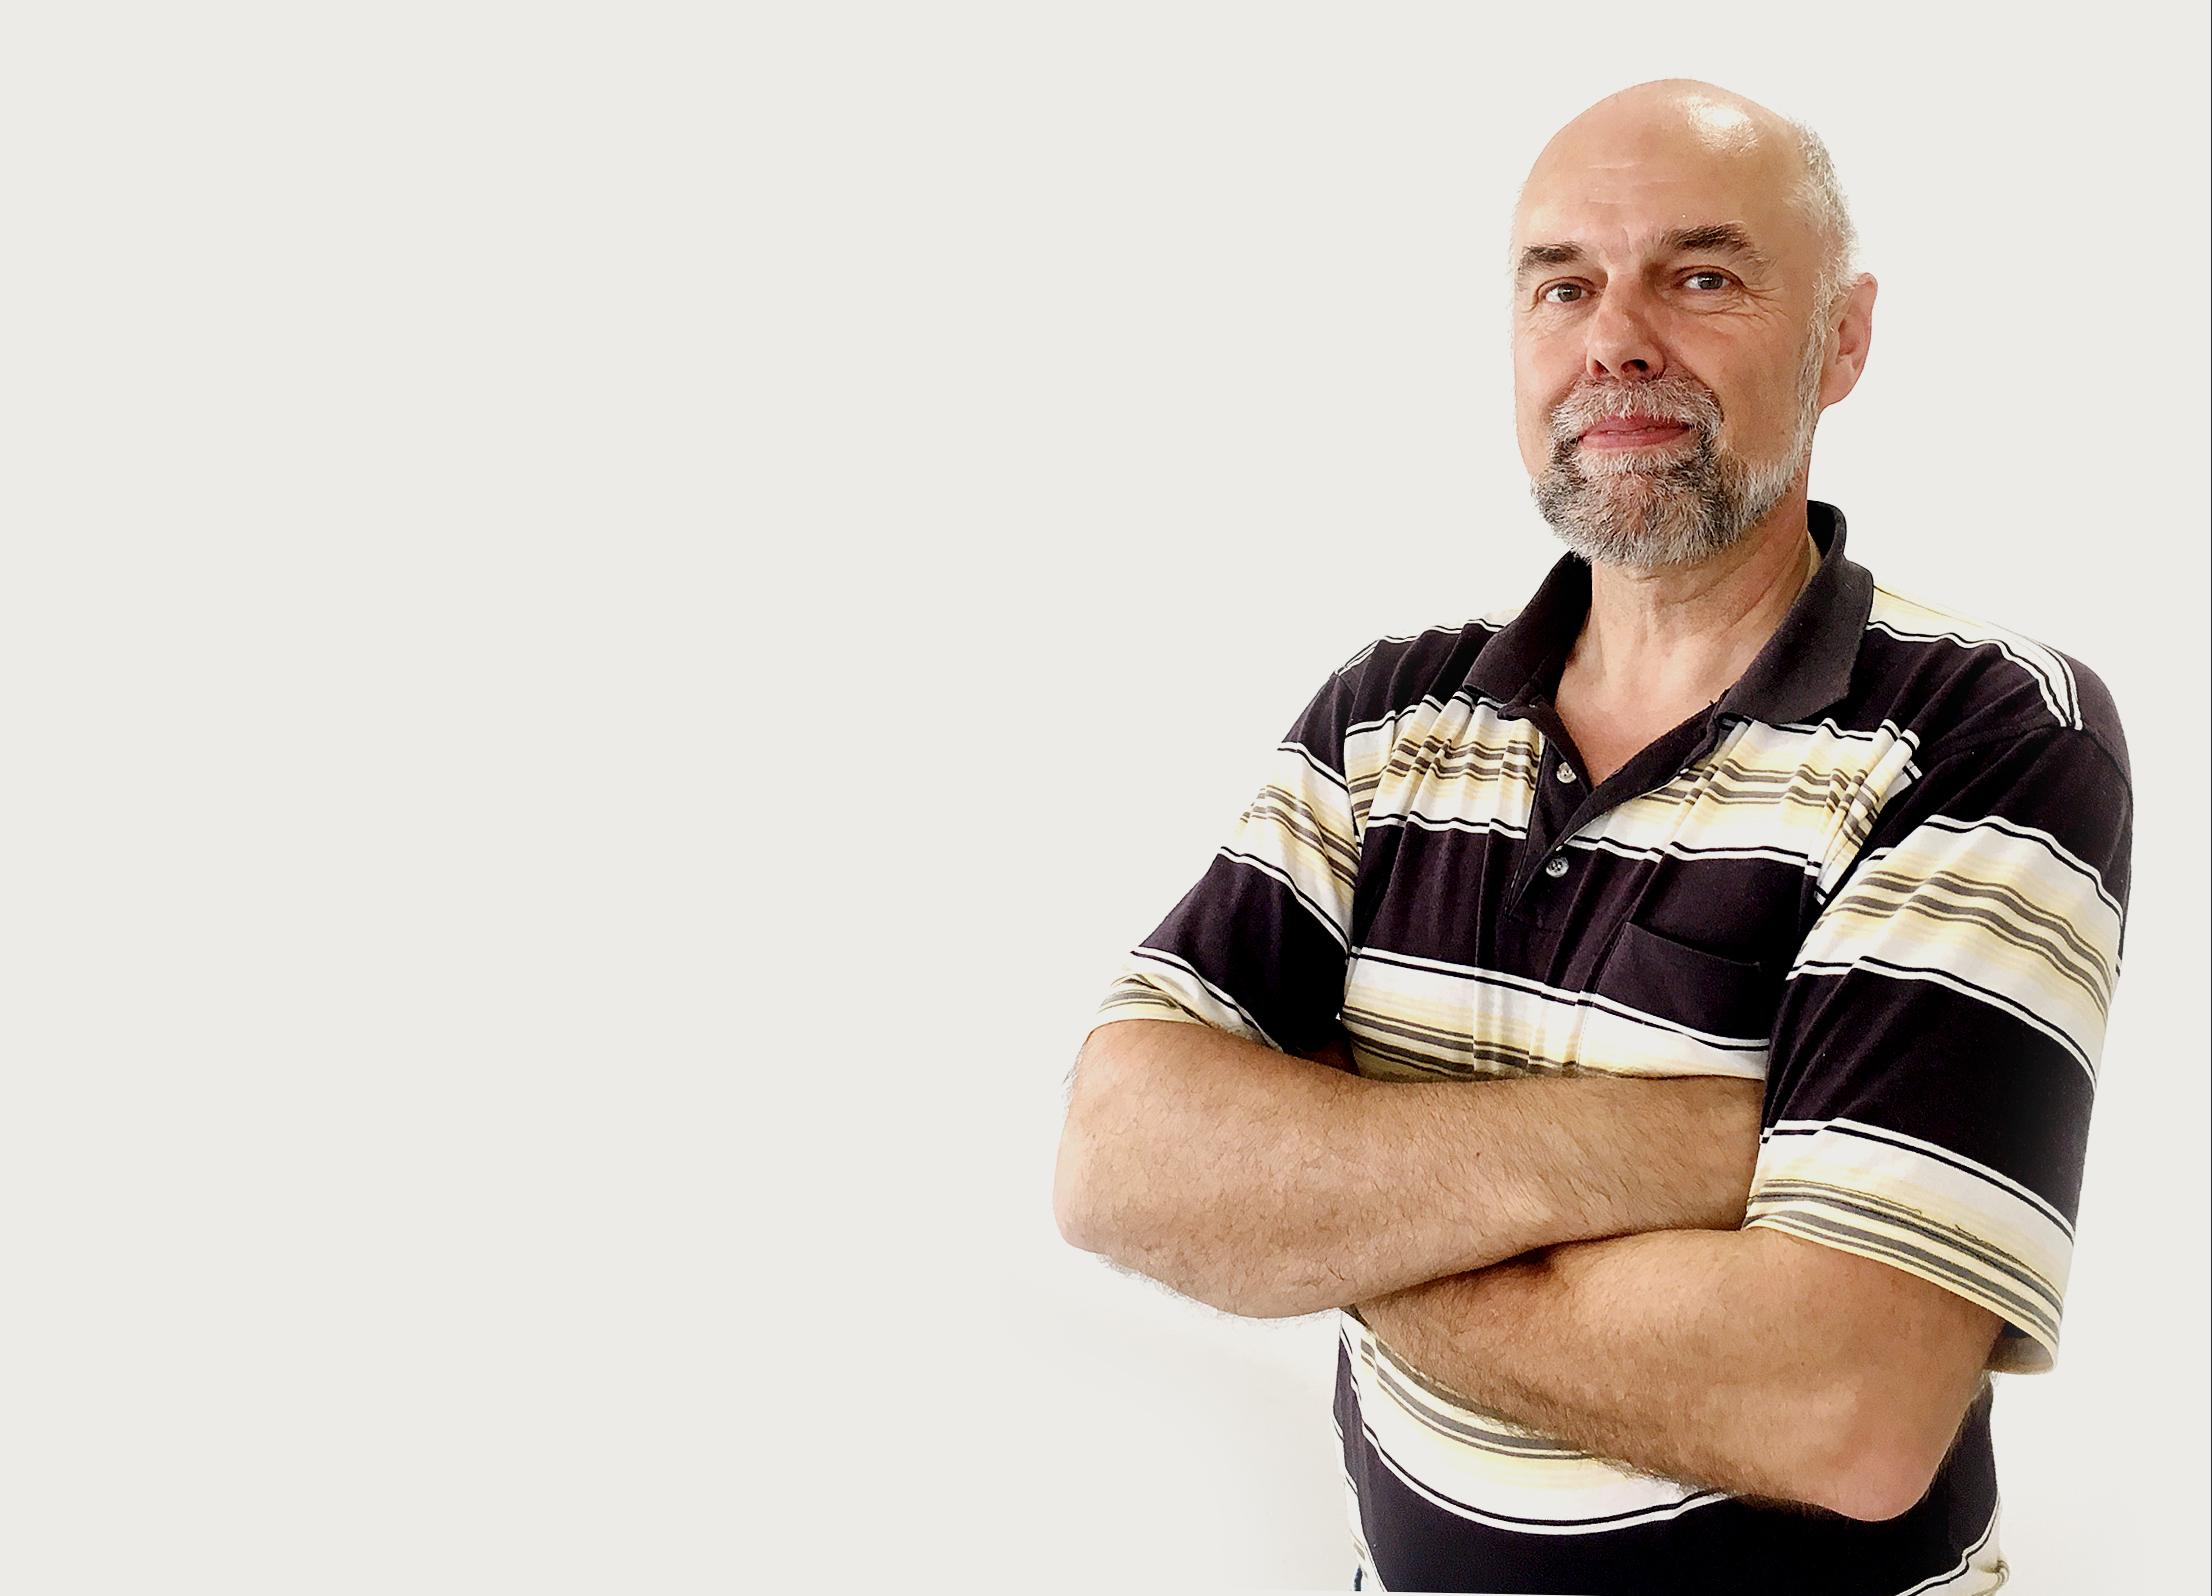 Manfred Klimm